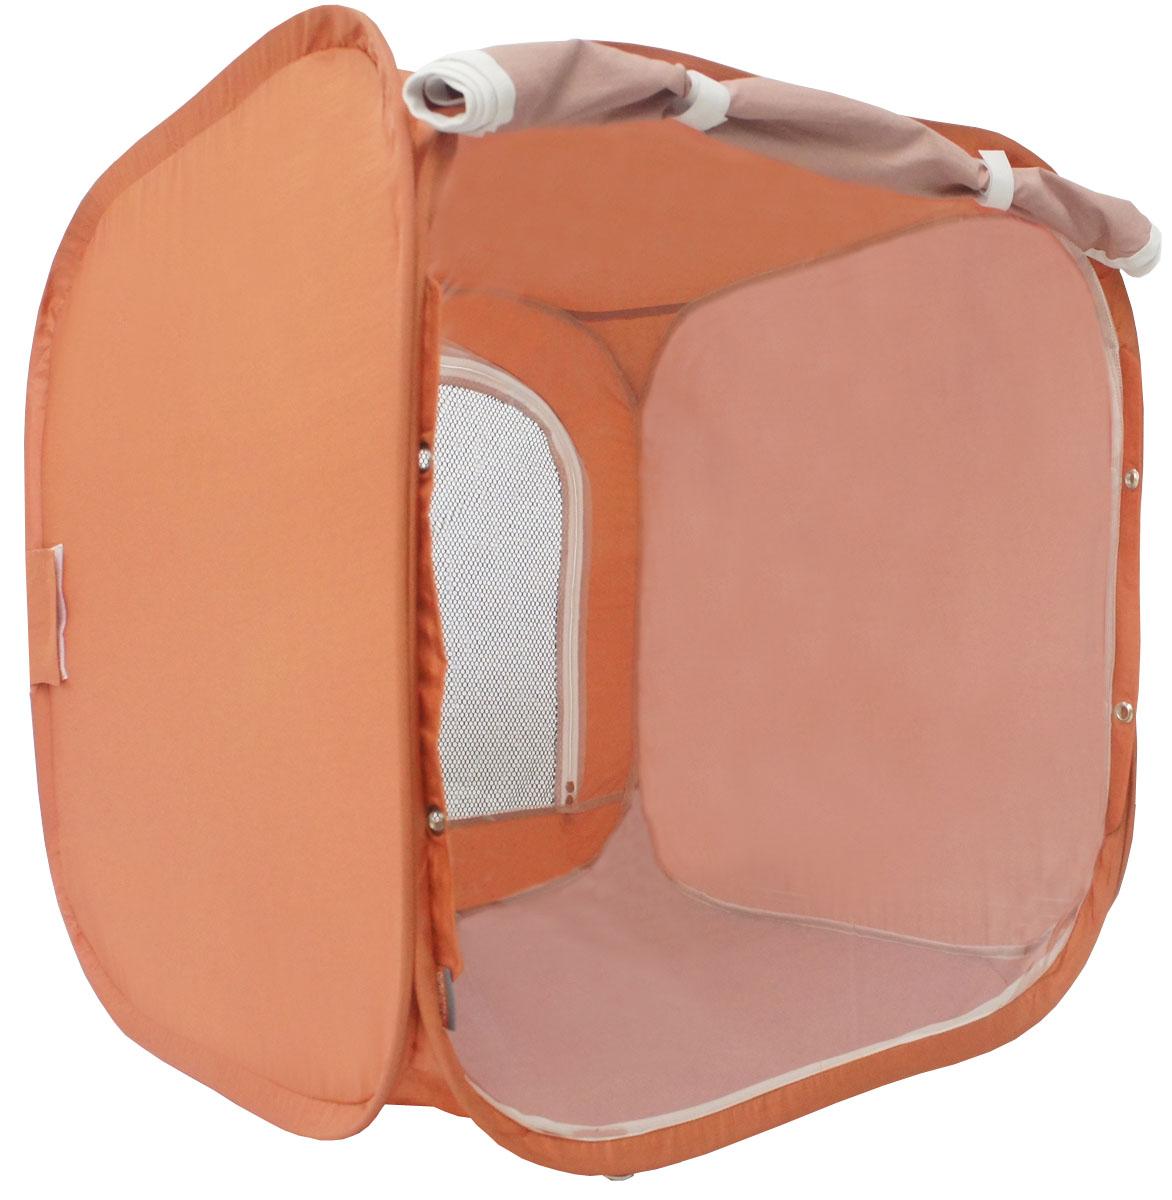 Палатка для выставки животных Шоу-Петс, цвет: корица, 60 х 60 х 60 см. ПВЛ1KПВЛ1KПалатка разработана профессиональными заводчиками для тех, кто хочет перемещаться и выставляться со своими питомцами легко и комфортно: - палатка разворачивается и сворачивается за 30 секунд; - экран палатки выполнен из суперпрозрачной пленки, шторка по желанию может опускаться и полностью закрывать экран от взглядов посетителей выставки; - палатка сворачивается восьмеркой в компактный блинчик и убирается в компрессионный чехол (идет в комплекте); - в комплекте к палатке идут ремни для крепления к столу, а так же ими удобно фиксировать палатку в поезде на верхней полке или в машине; - со стороны заводчика расположен большой удобный вход в палатку на молнии, бегунки молнии фиксируются крепежом, не позволяющим животному самостоятельно открыть вход и выбраться из палатки; - в скрученном виде палатка практически не занимает места в багаже и не ощущается по весу; - данный размер палатки предназначен для комфортного размещения на выставке одного животного среднего размера; - материал...